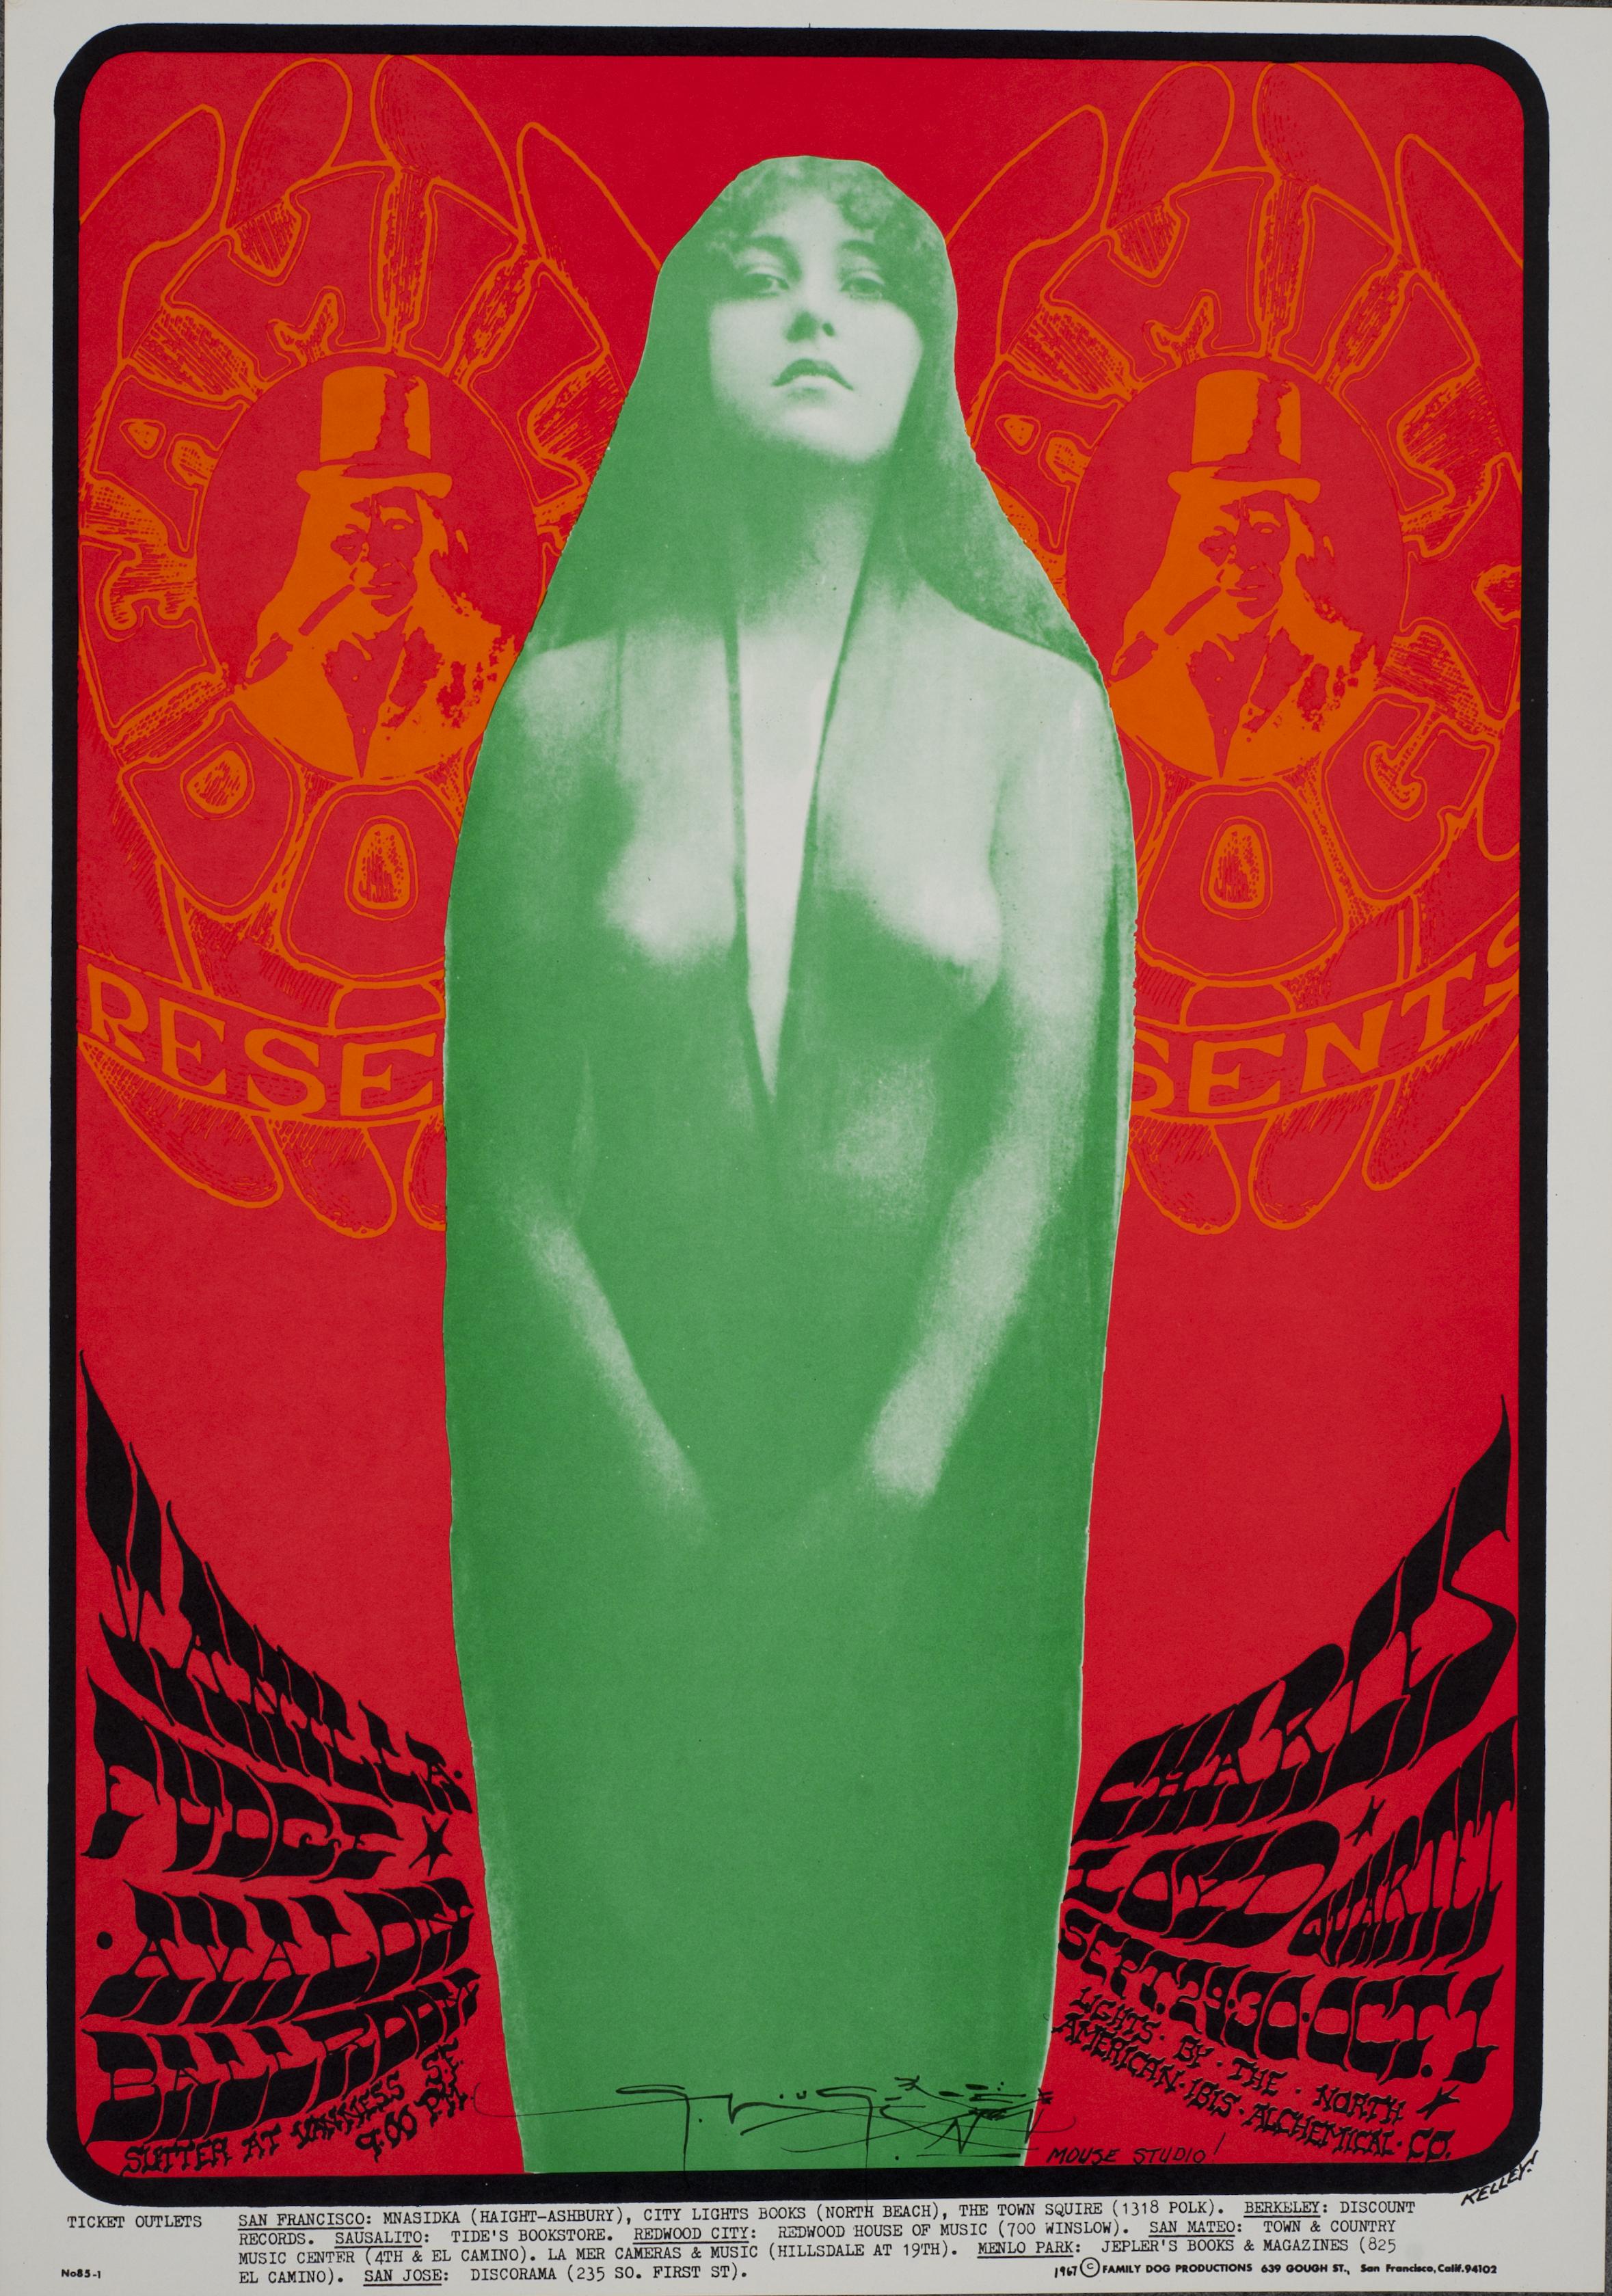 FD-85_Alton Kelley_Avalon Ballroom 1967_Vanilla Fudge